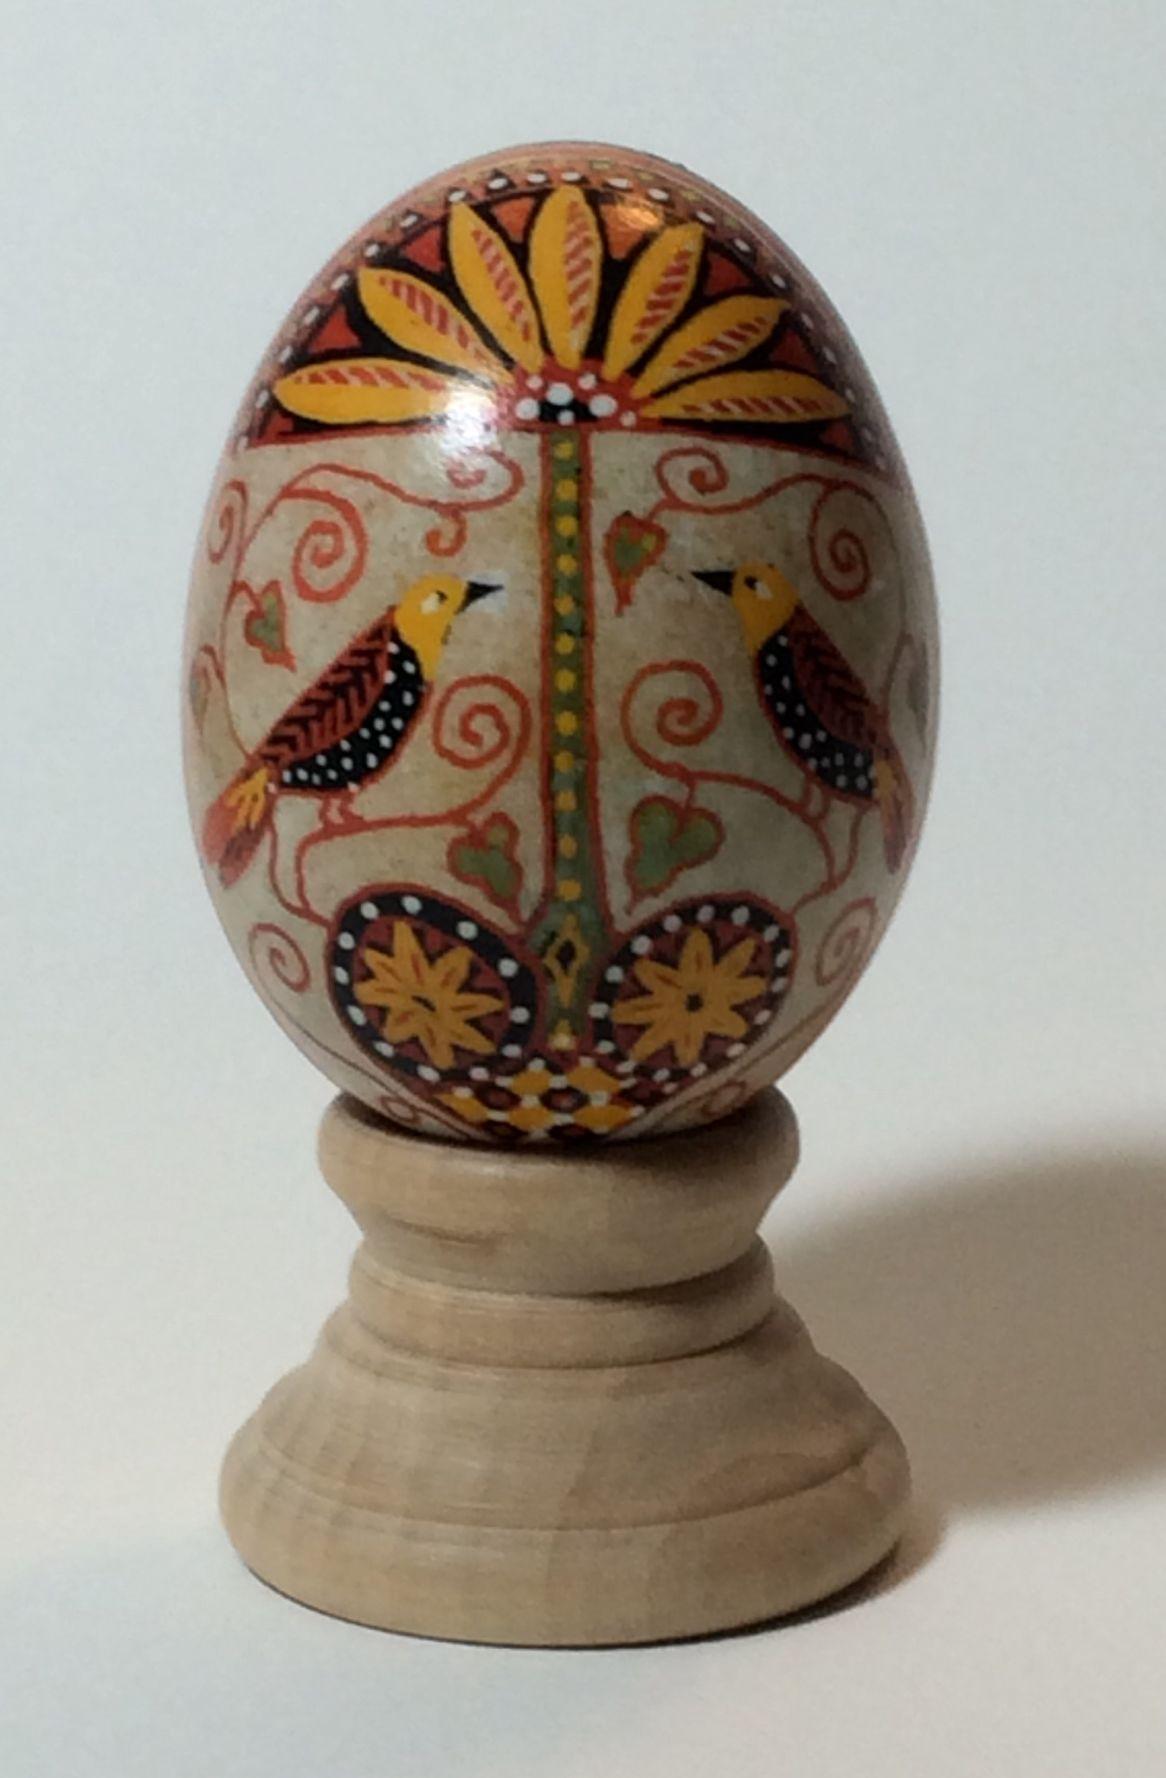 Egg show